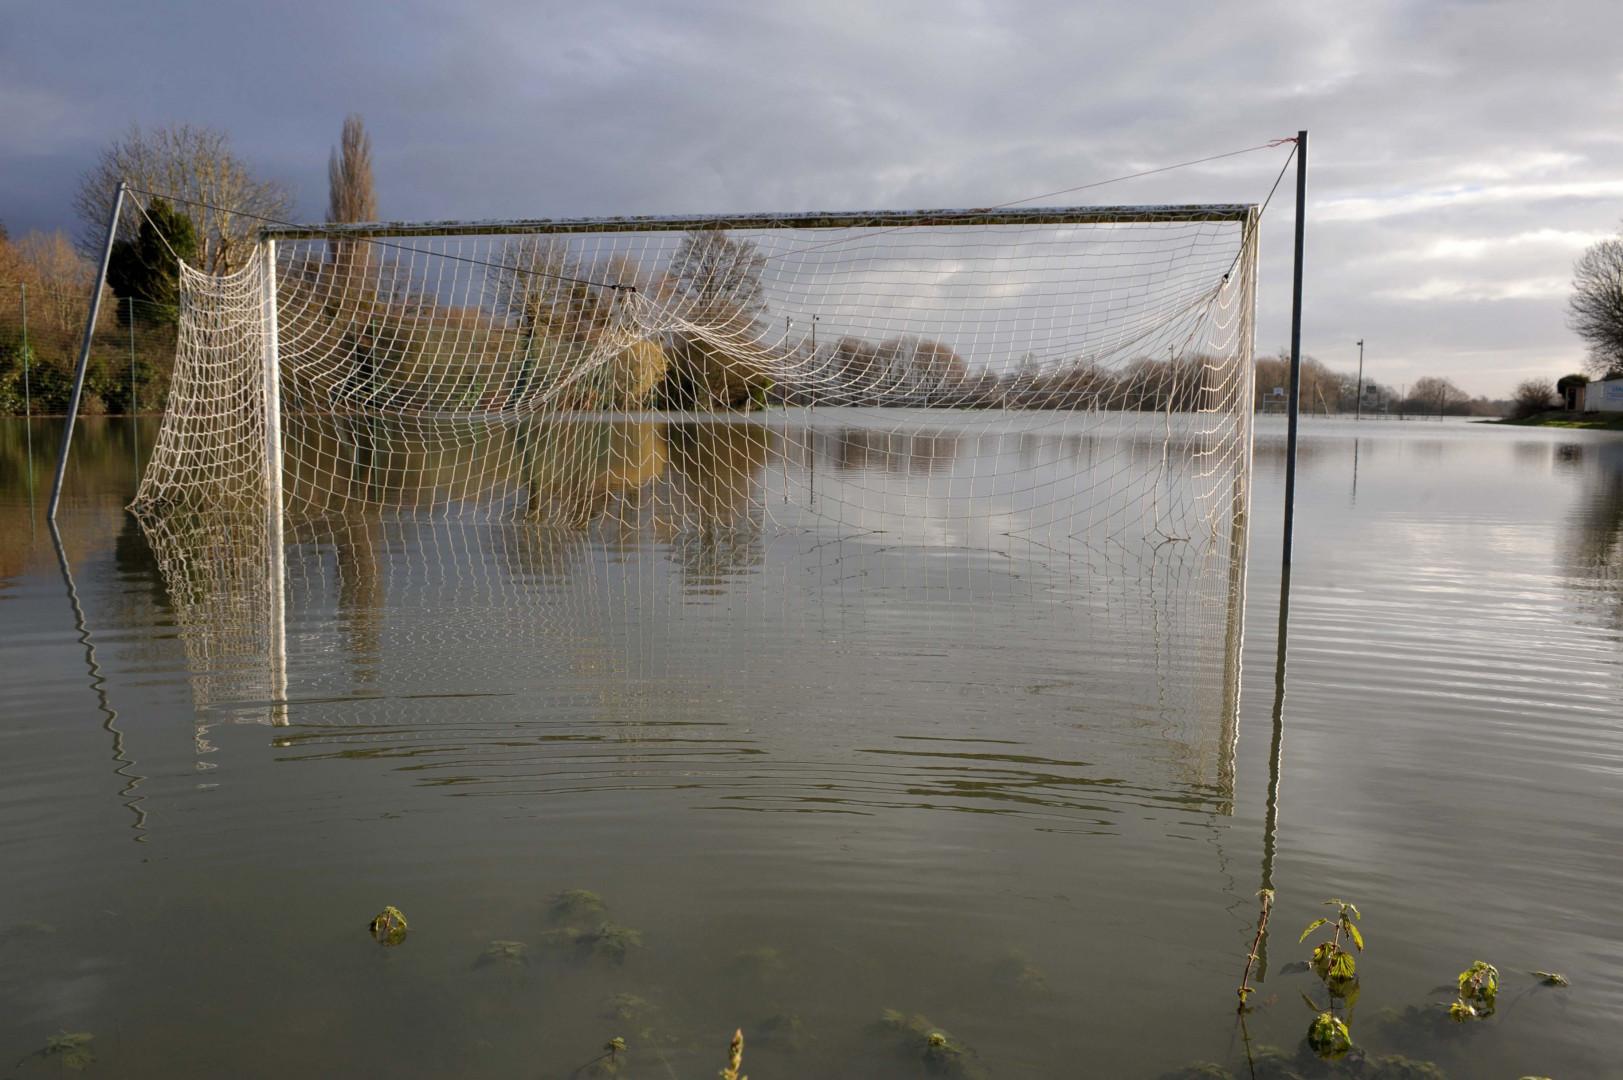 À Freneuse (Yvelines), la Seine a englouti le terrain de foot de la ville